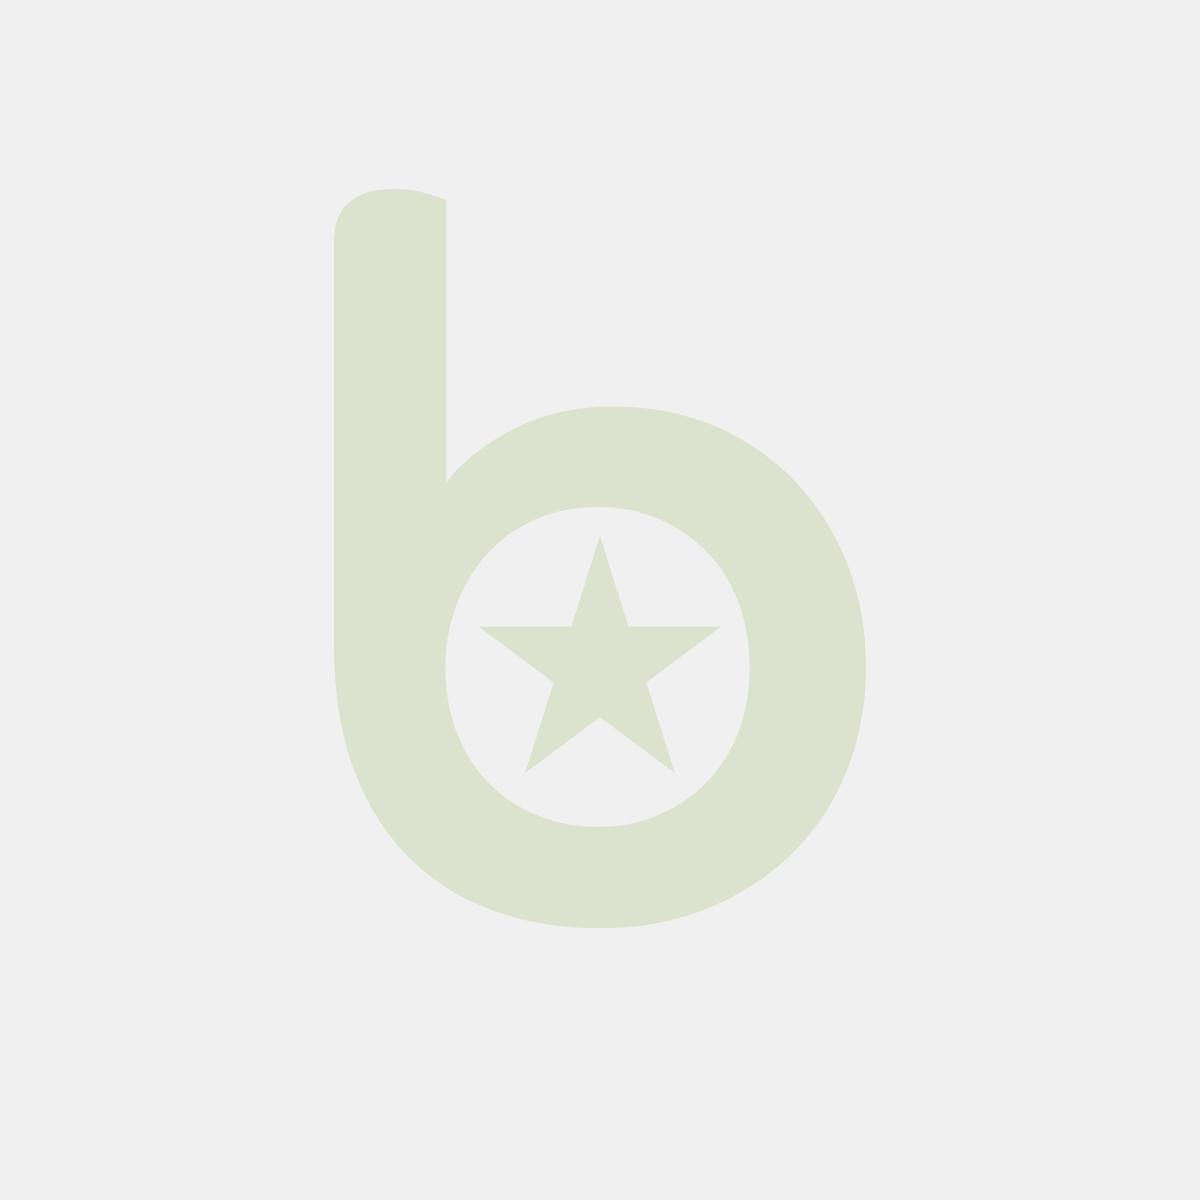 Rzepy COMMAND™ (17203), do wieszania obrazów, zestaw 8+4szt., białe